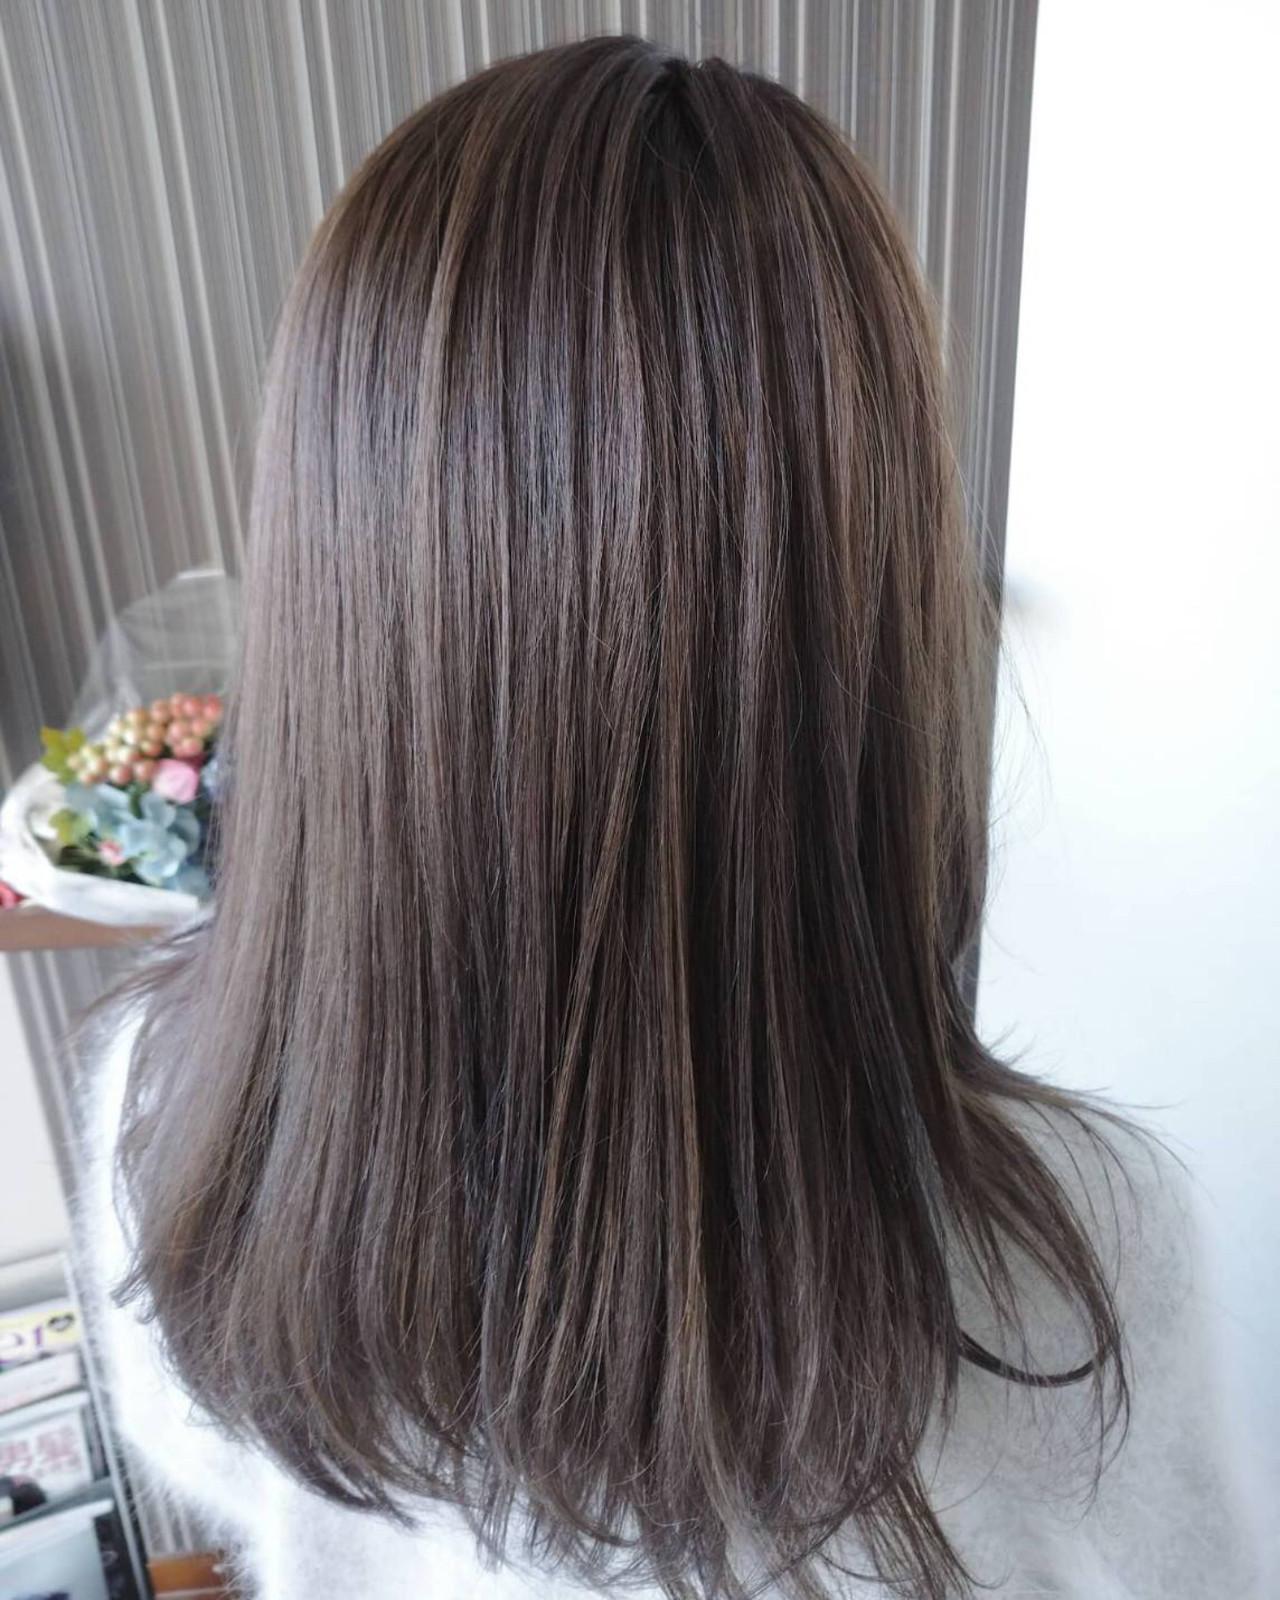 ナチュラル ヘアカラー セミロング ブルーバイオレット ヘアスタイルや髪型の写真・画像